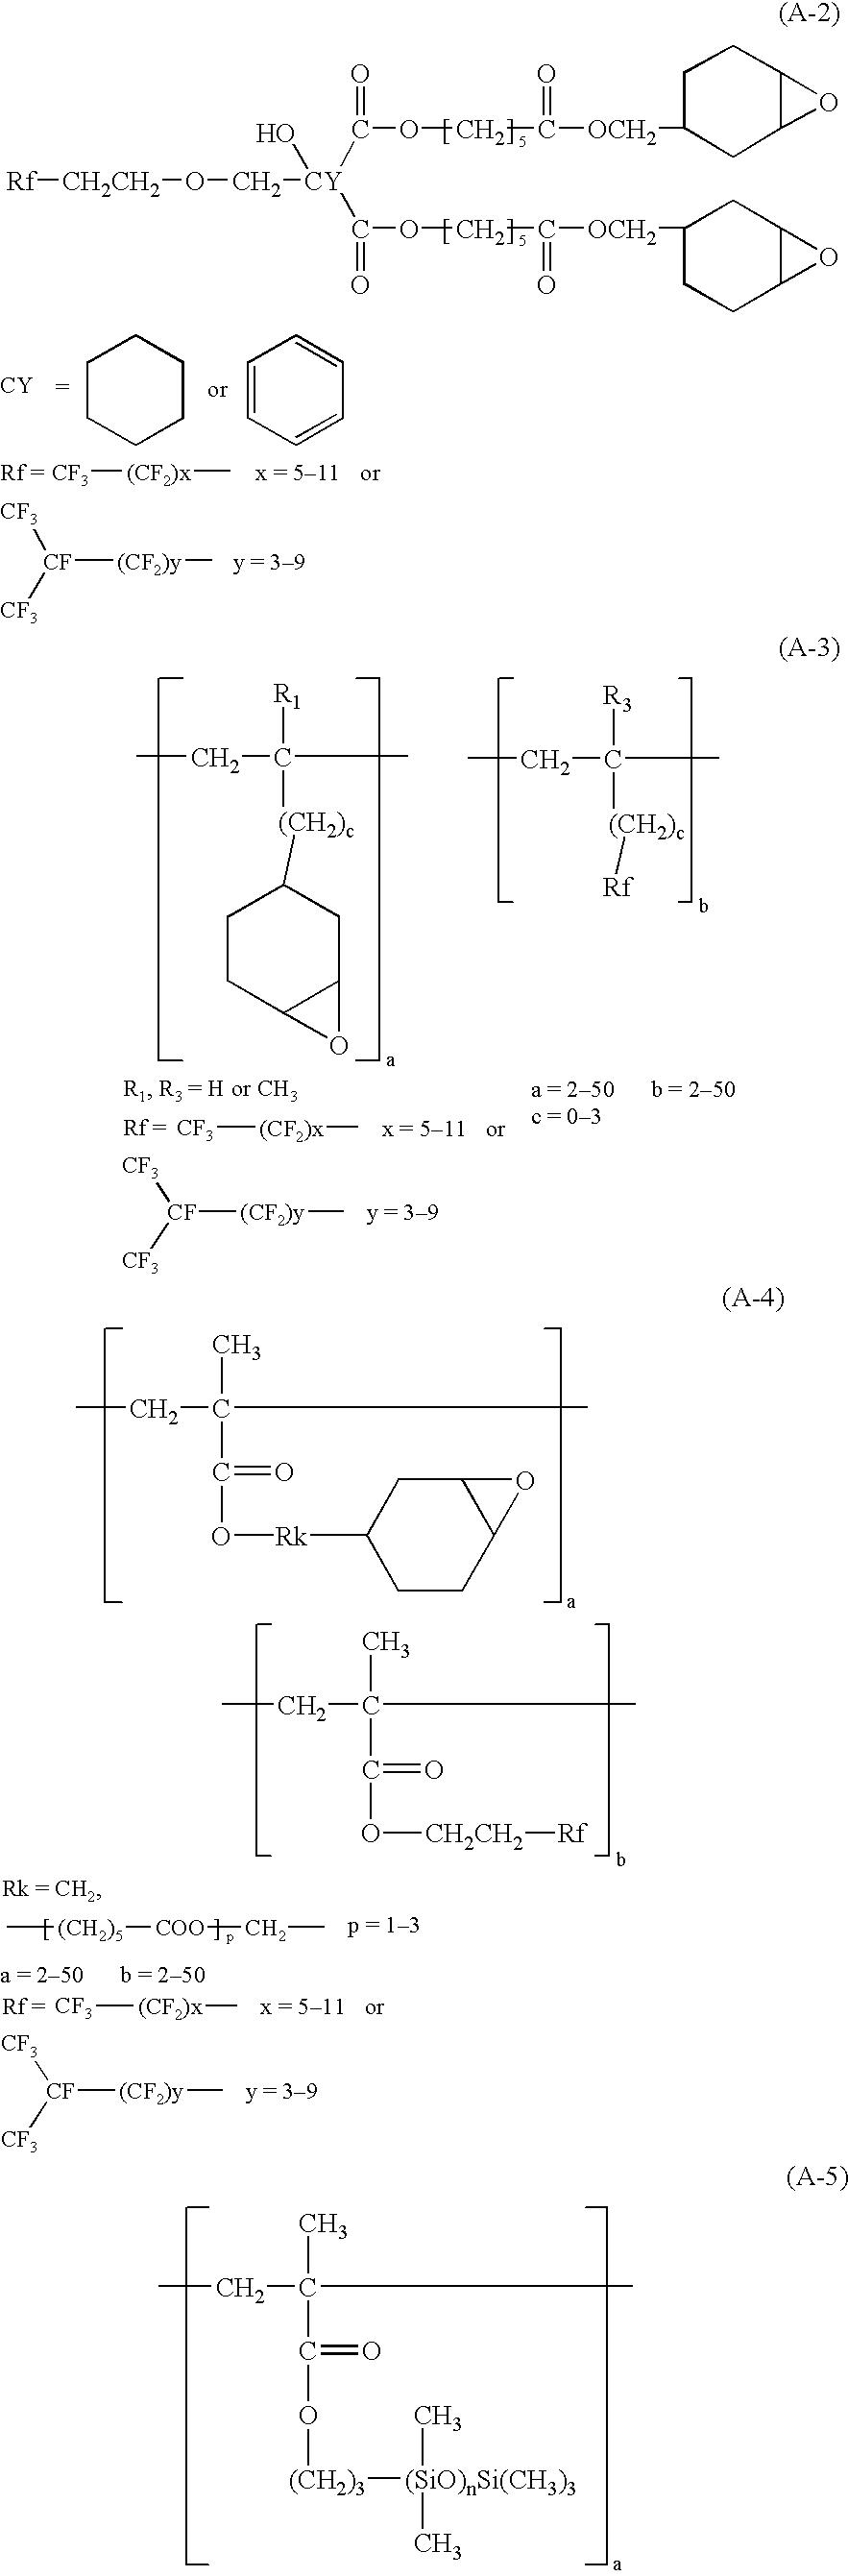 Figure US06472129-20021029-C00008